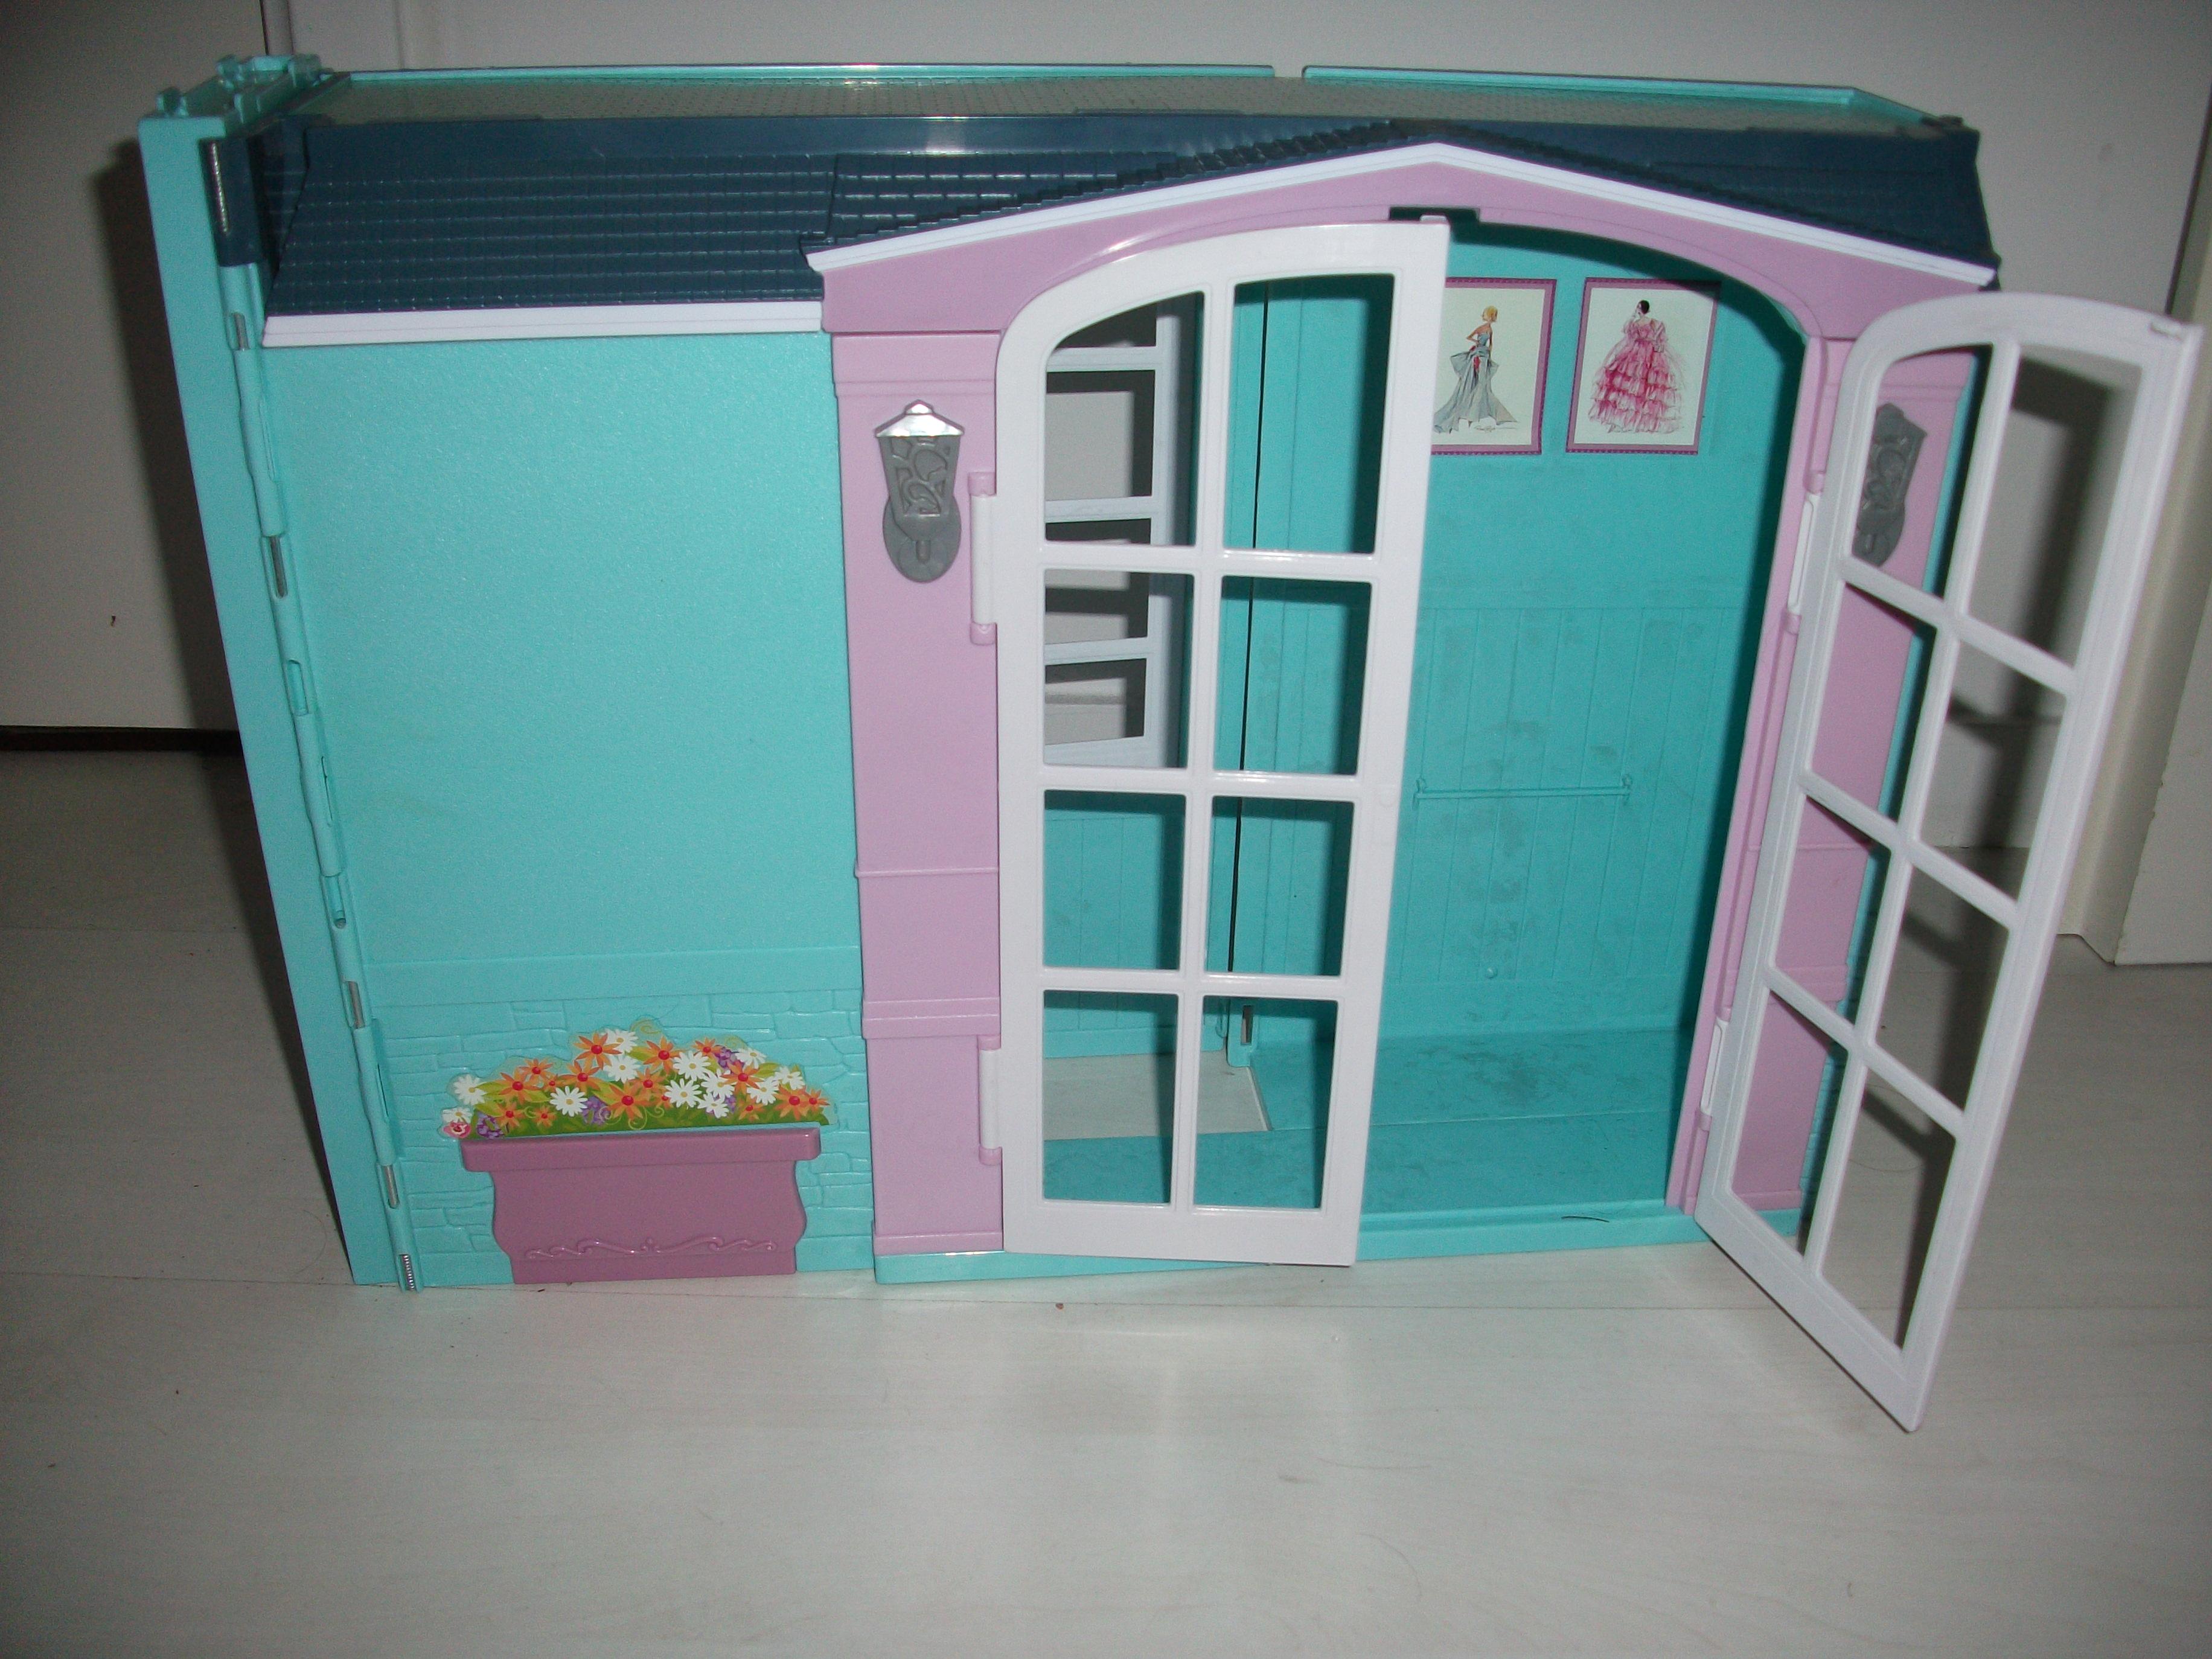 Maison de poup e pliante 4 jouets et barbie meirim photos club doctissimo - Maison pliable ...